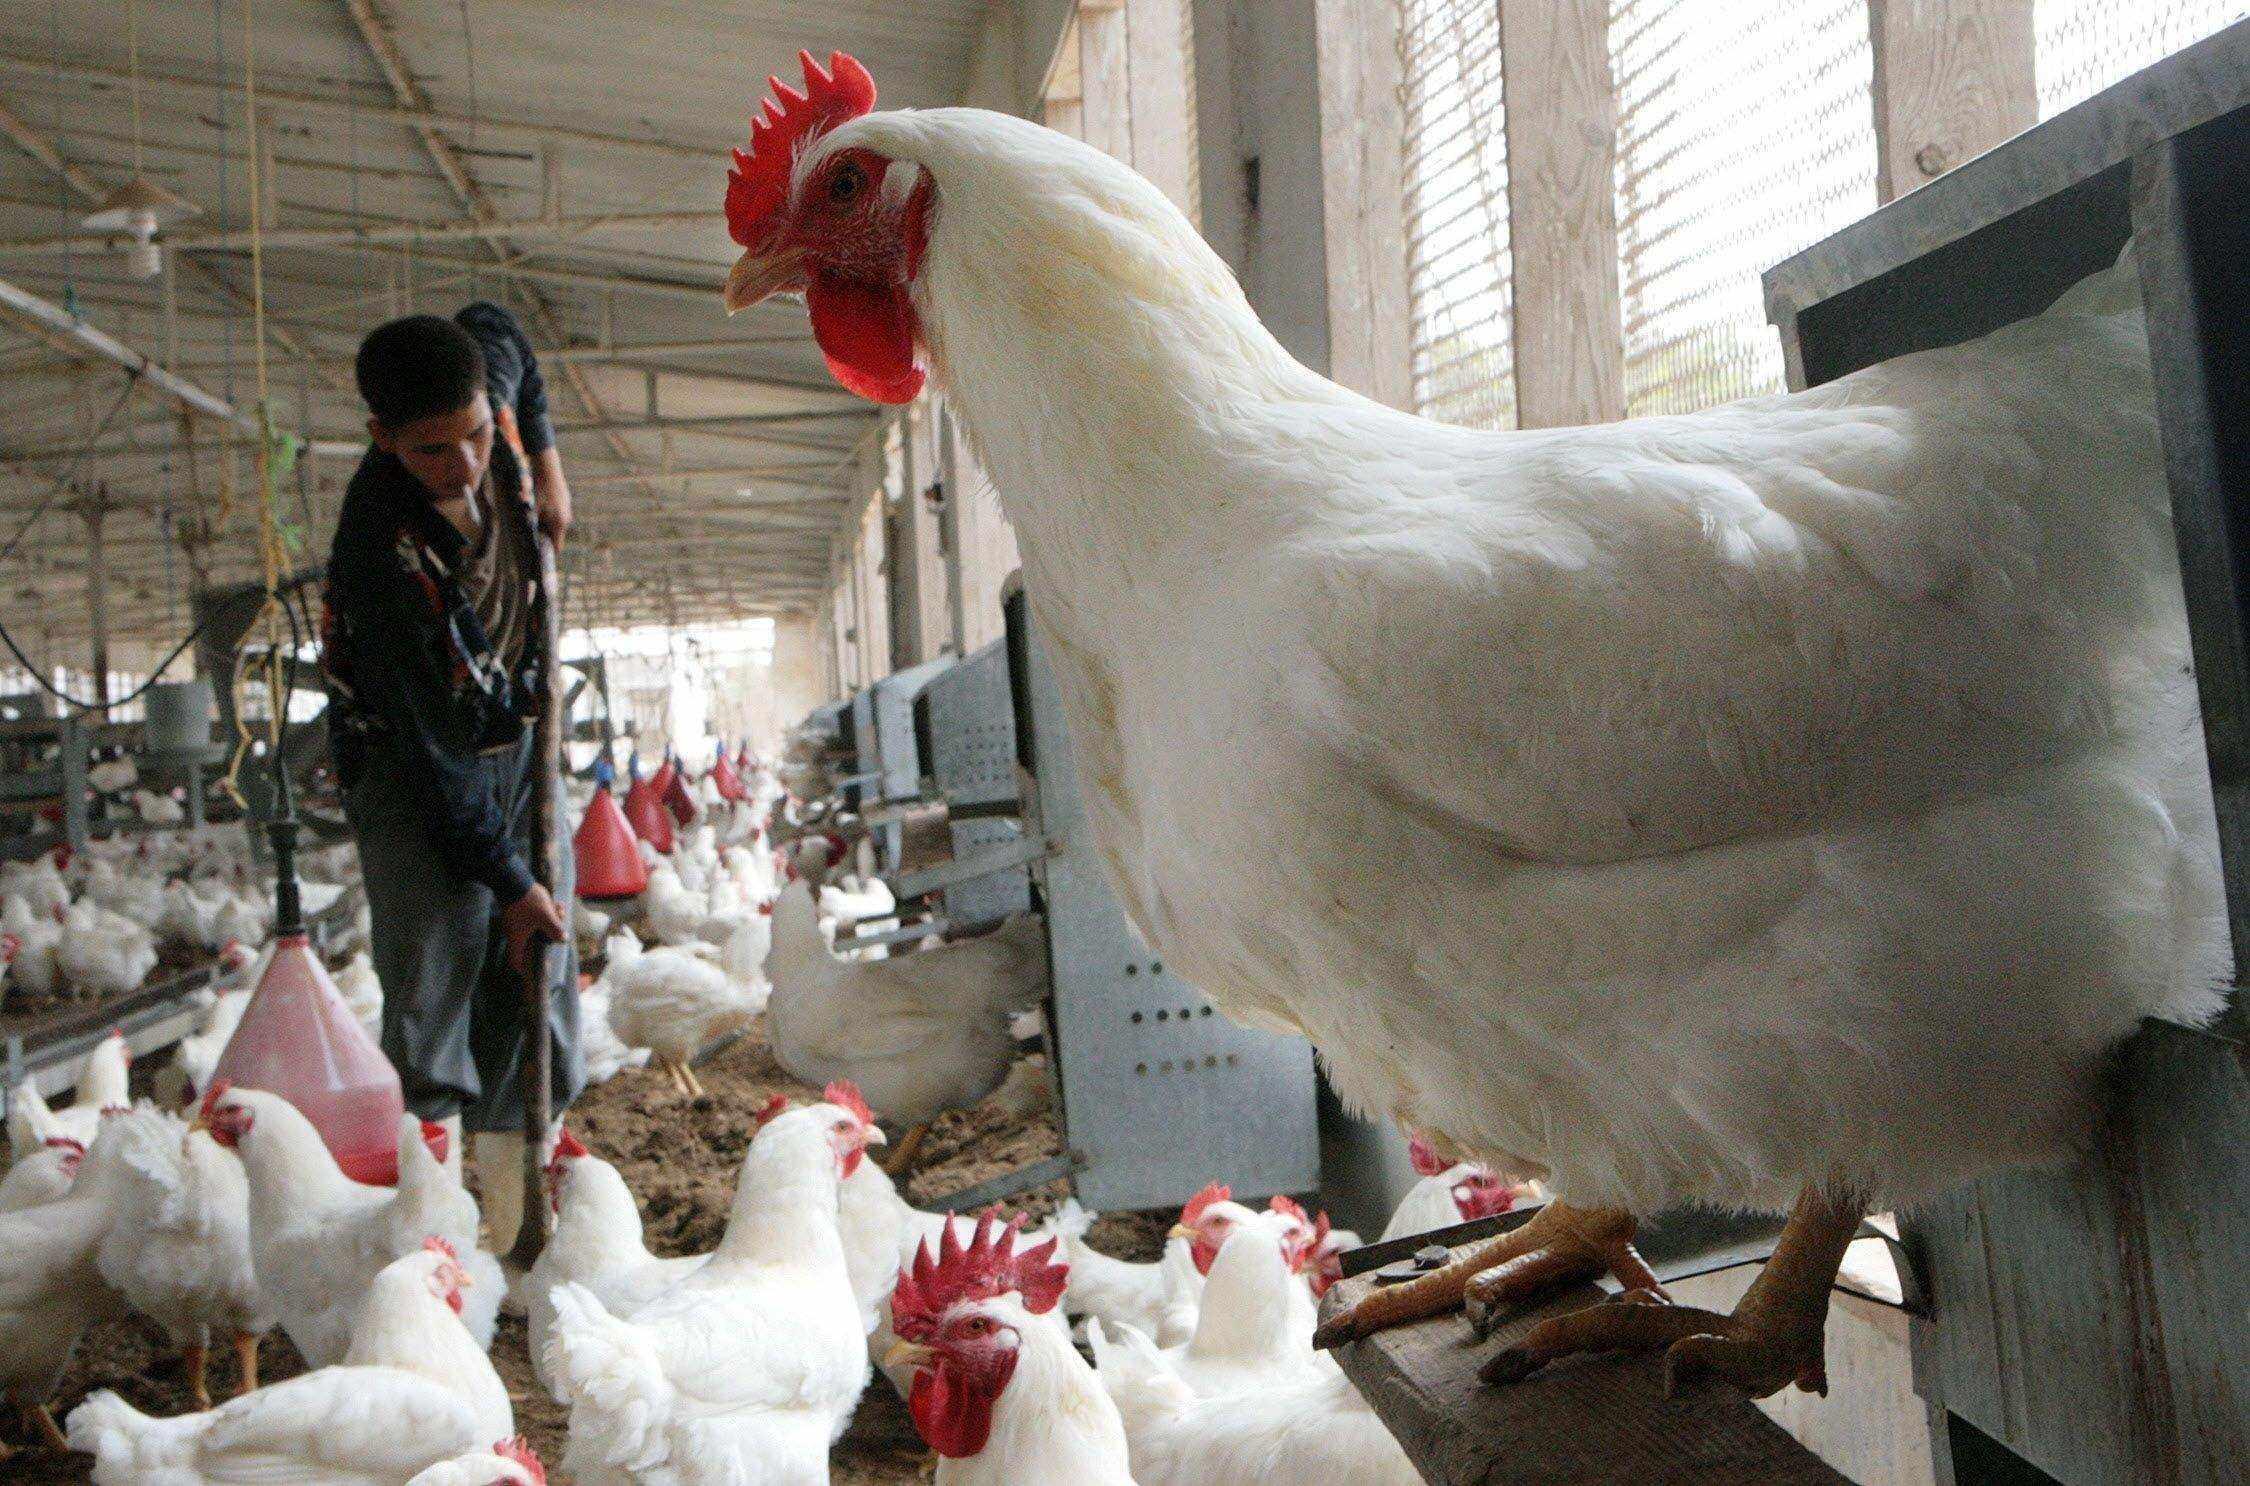 الكعود يطالب بمنع دخول الدجاج المستورد الى الأنبار